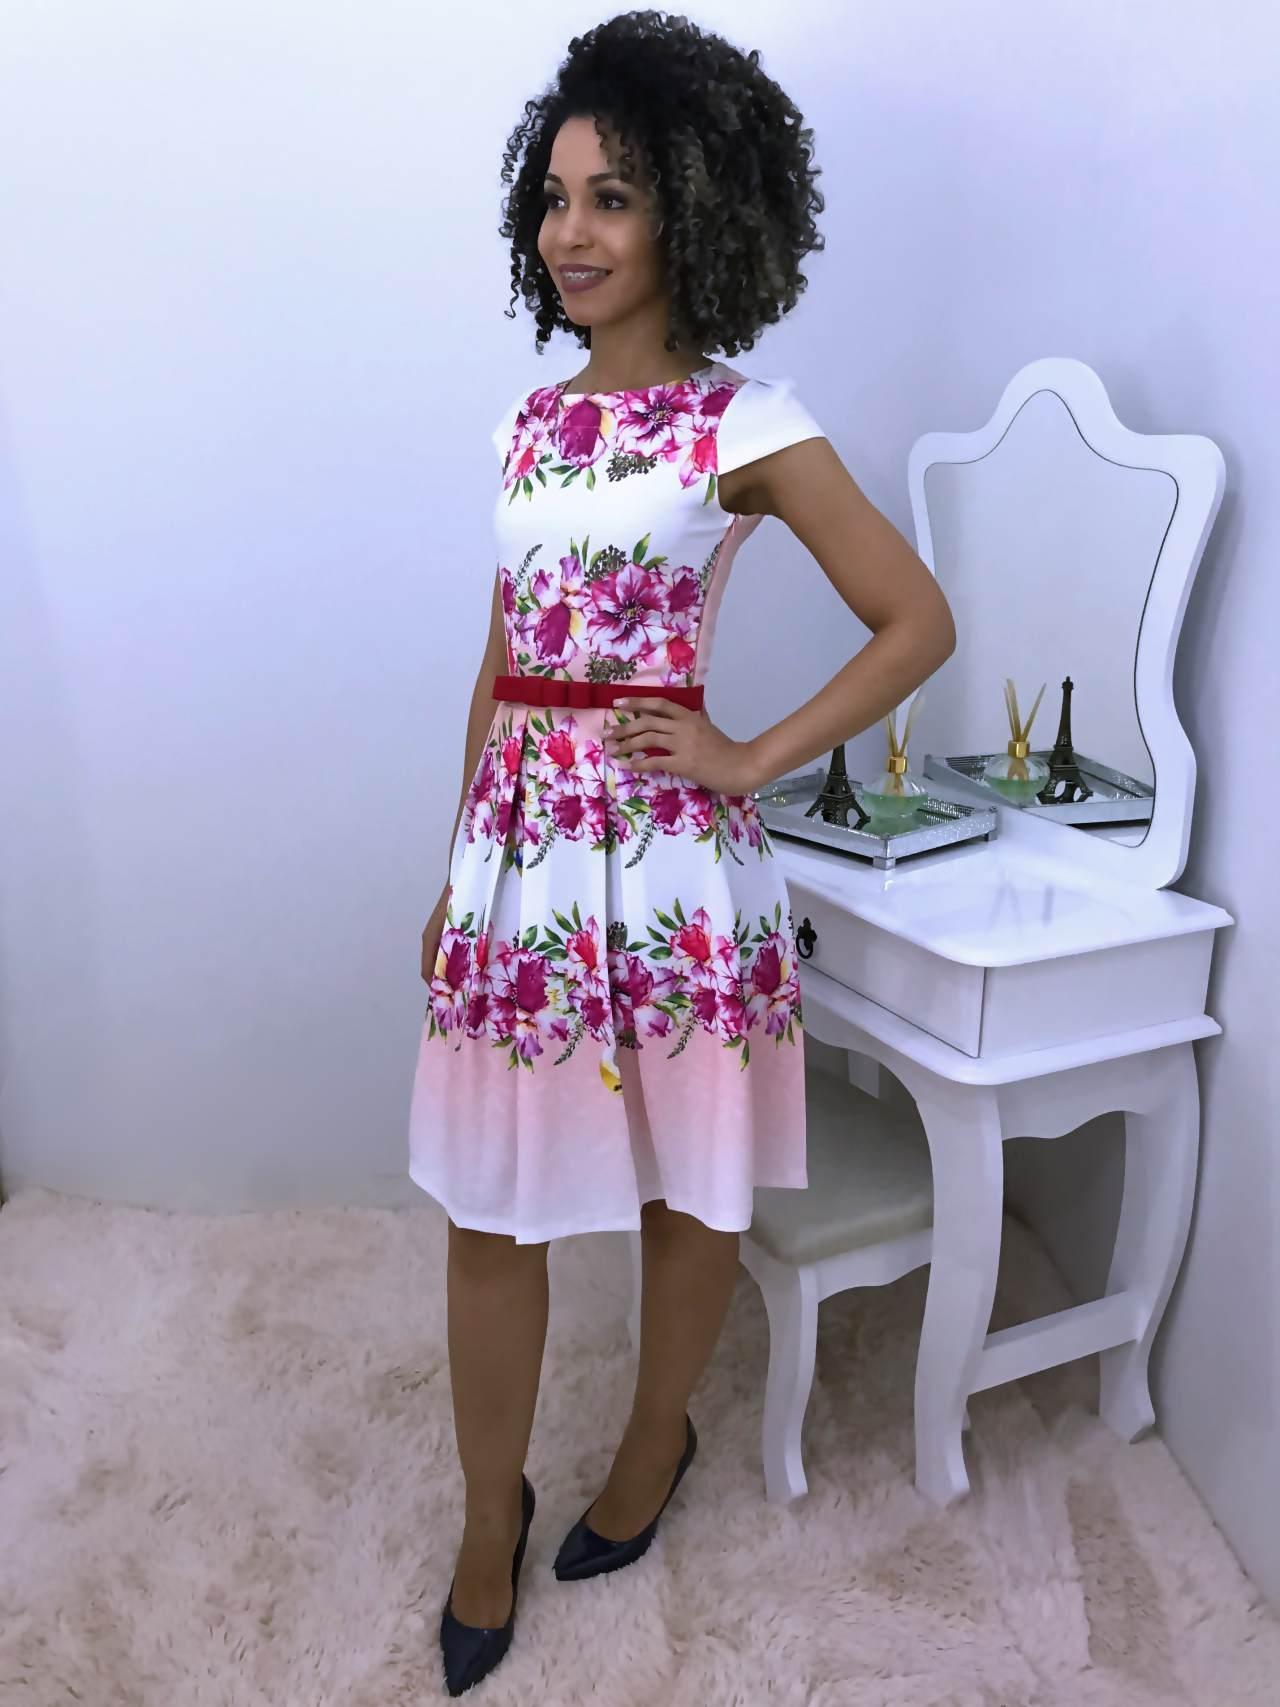 Vestido Rodado e Estampado Modelo Princesa - Moda Evangelica